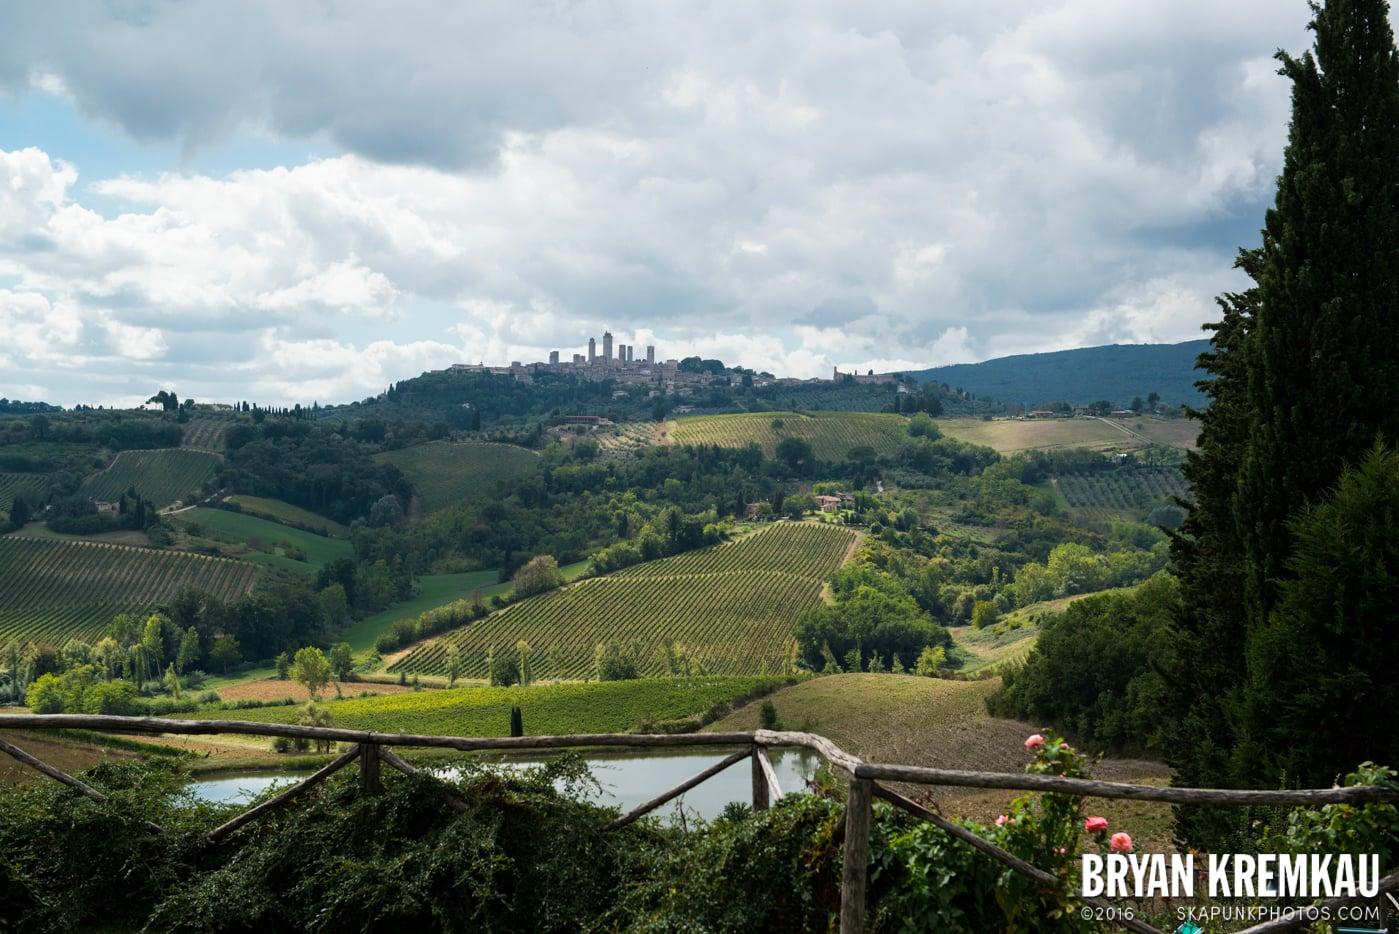 Italy Vacation - Day 8: Siena, San Gimignano, Chianti, Pisa - 9.16.13 (94)